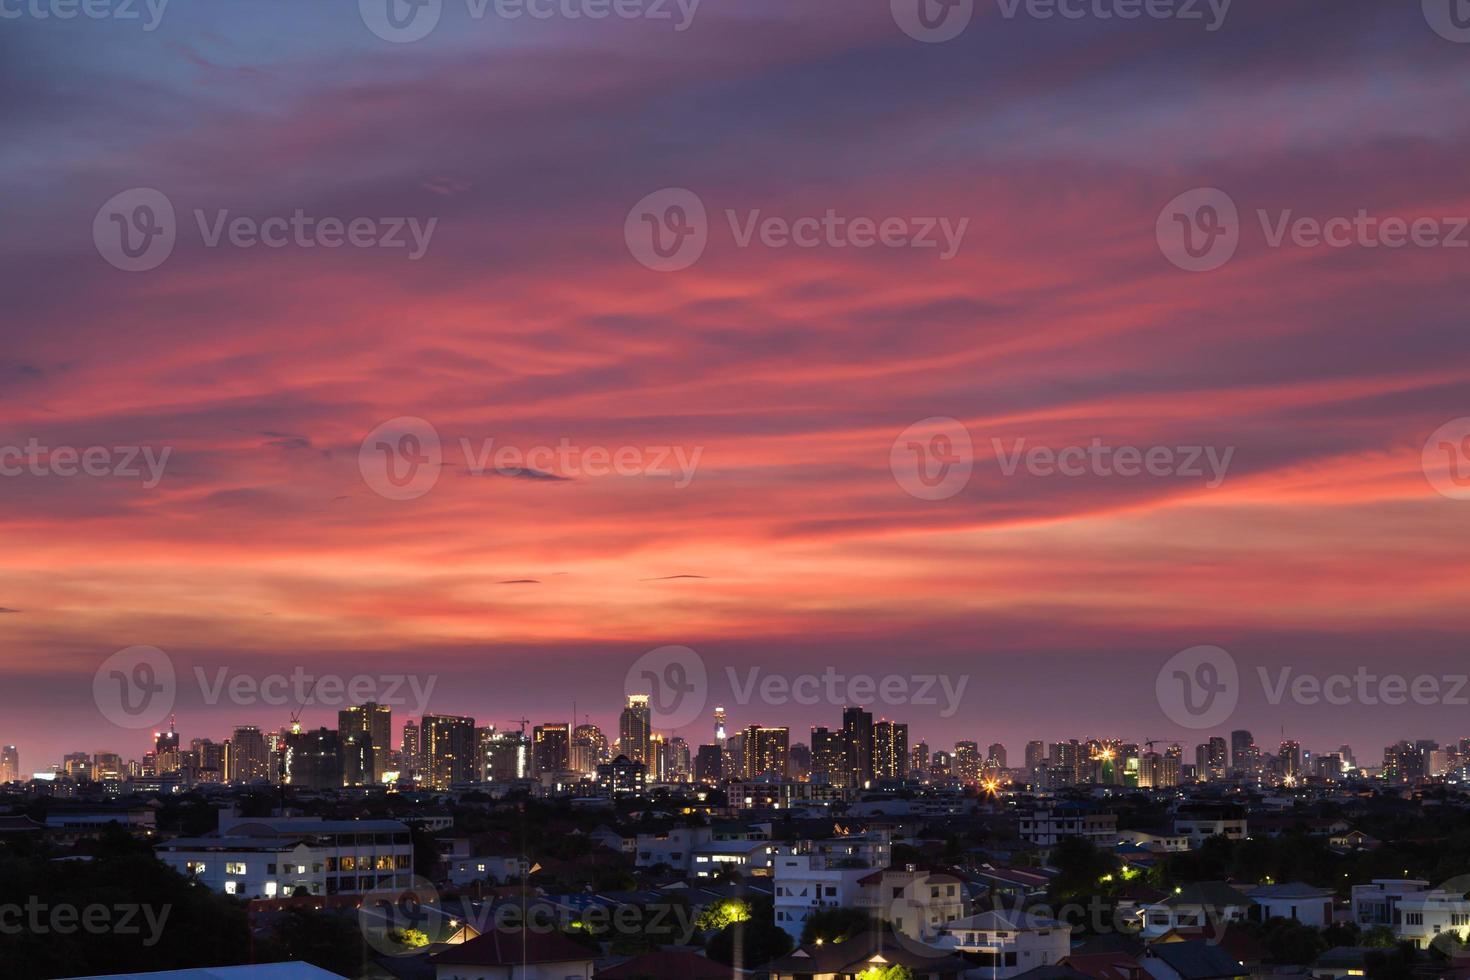 roze wolken boven een stad bij zonsondergang foto